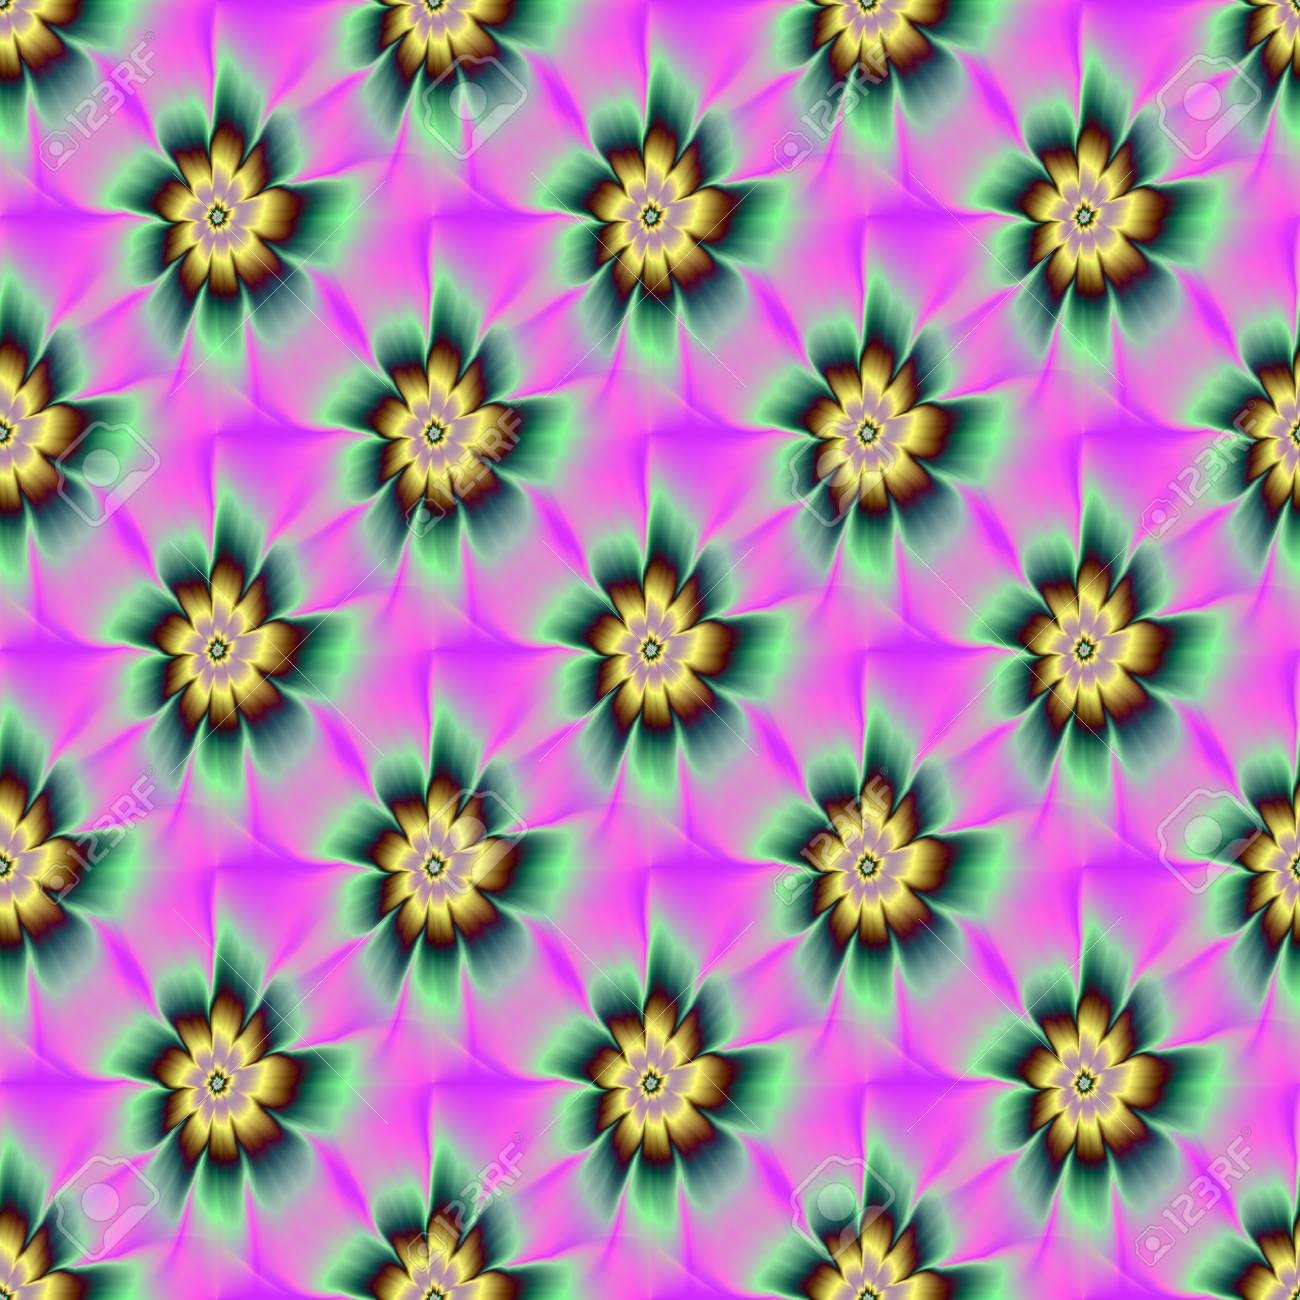 Seamless Or Et Vert De Fleur De Marguerite Une Image Abstraite De